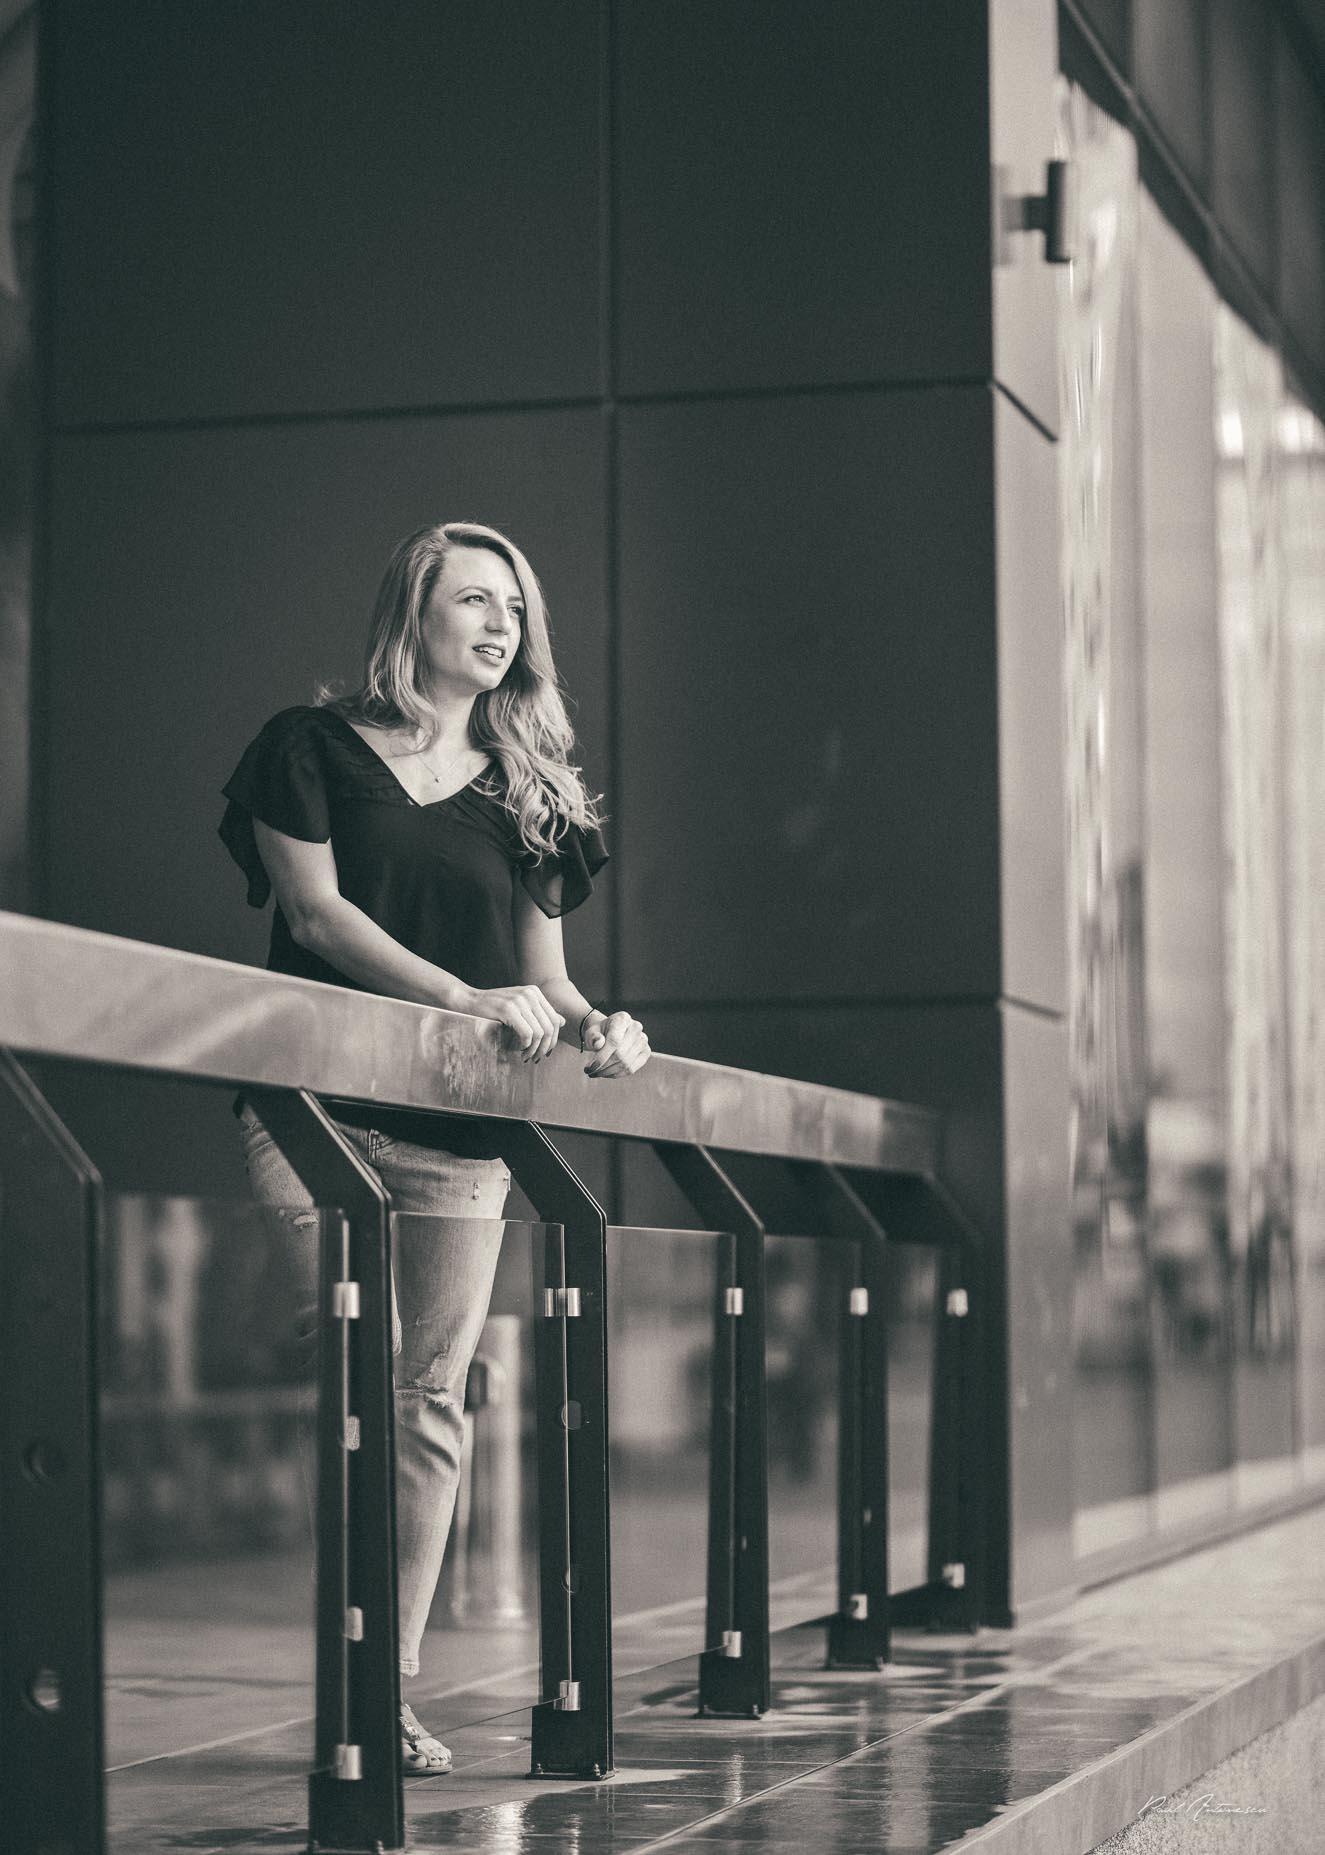 Potret alb negru de fata cu par blond ce poarta blugi, sandale negre, bluza neagra, fotografiata urban pe timp de zi